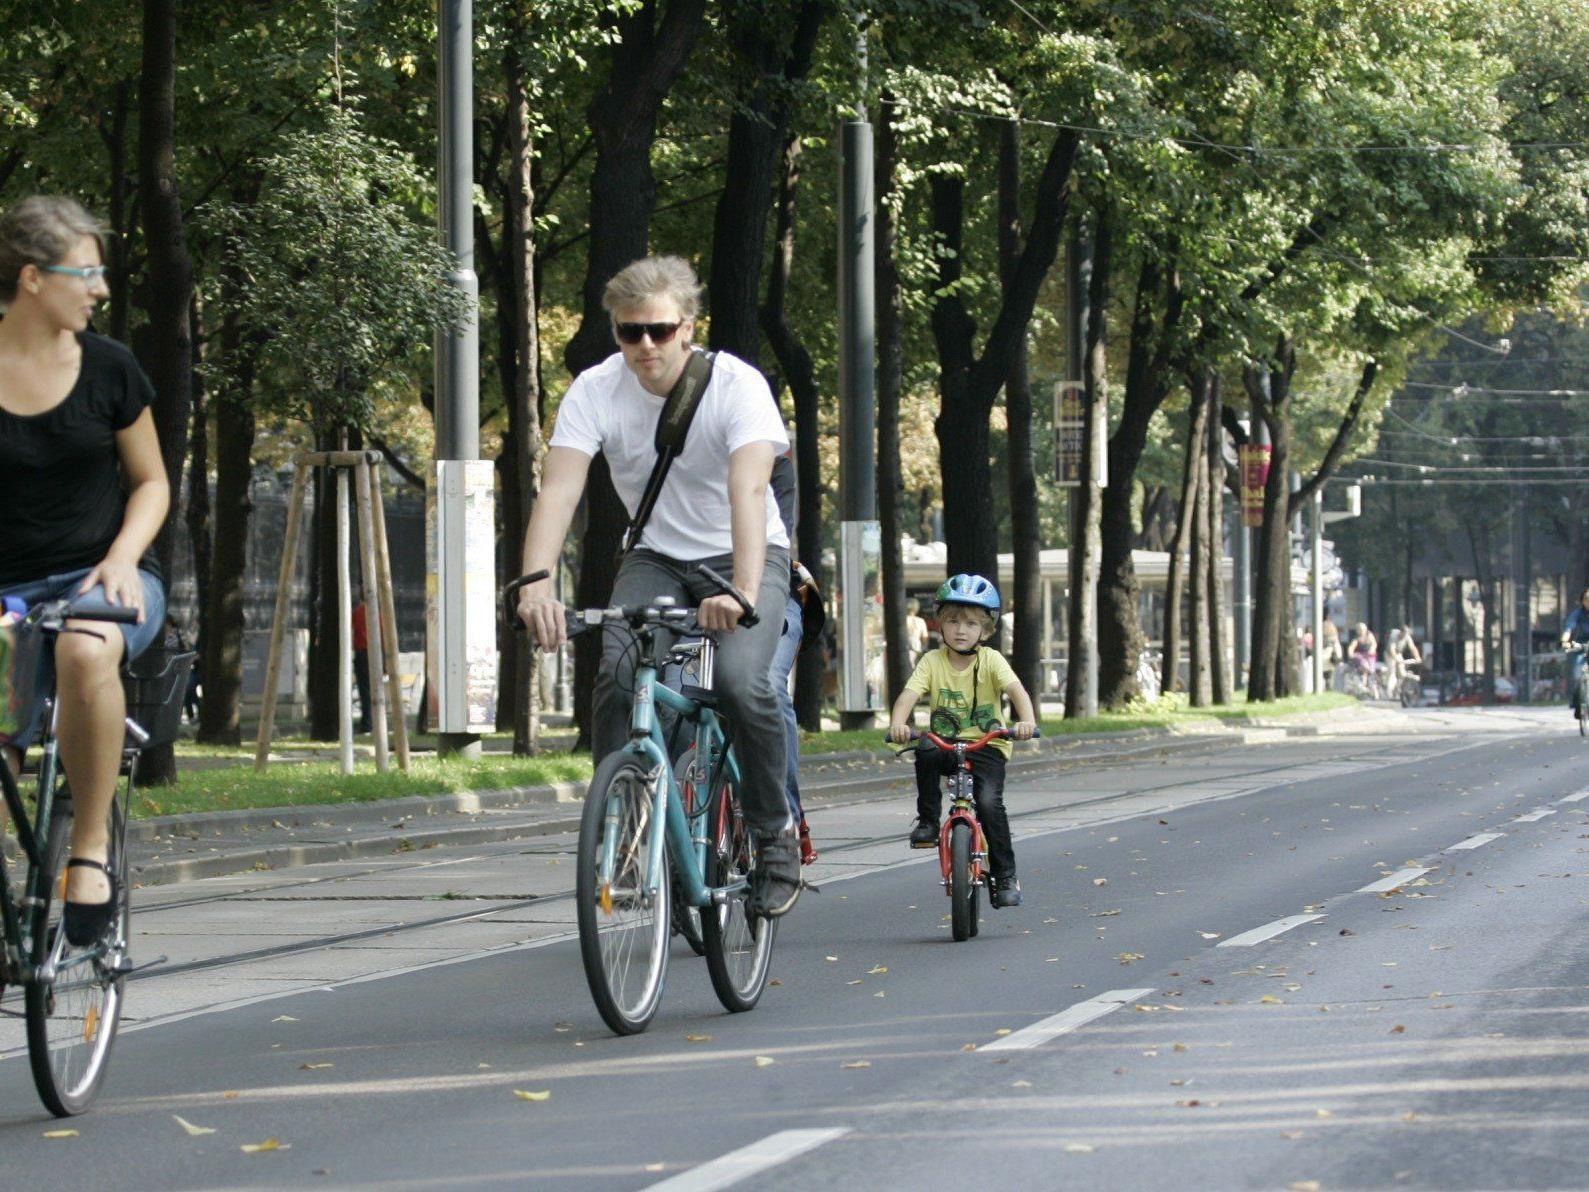 Rüdiger maresch sprach sich für eine autofreie Ringstraße aus.